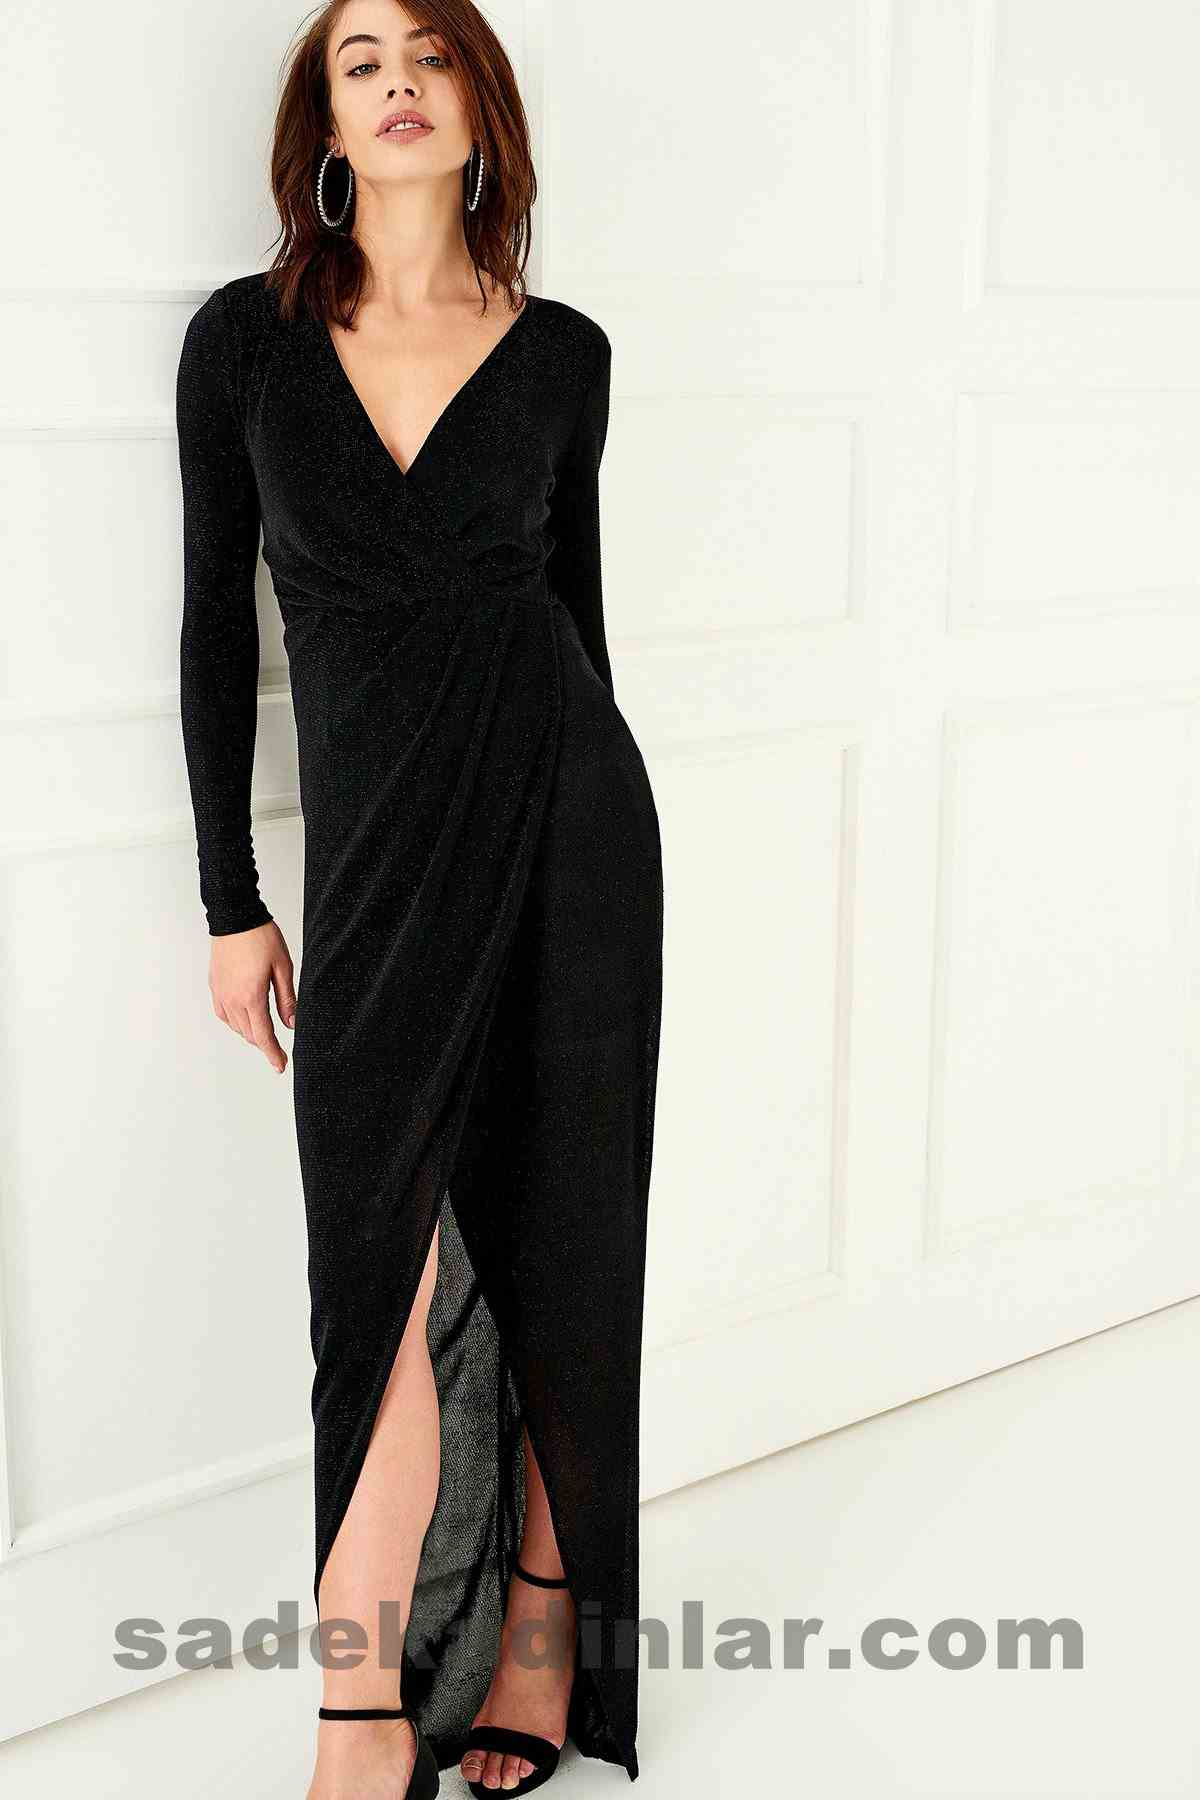 Abiye Elbise Modelleri Şık ve Güzel 2019 Gece Elbiseleri Simli Siyah Uzun Yırtmaçlı